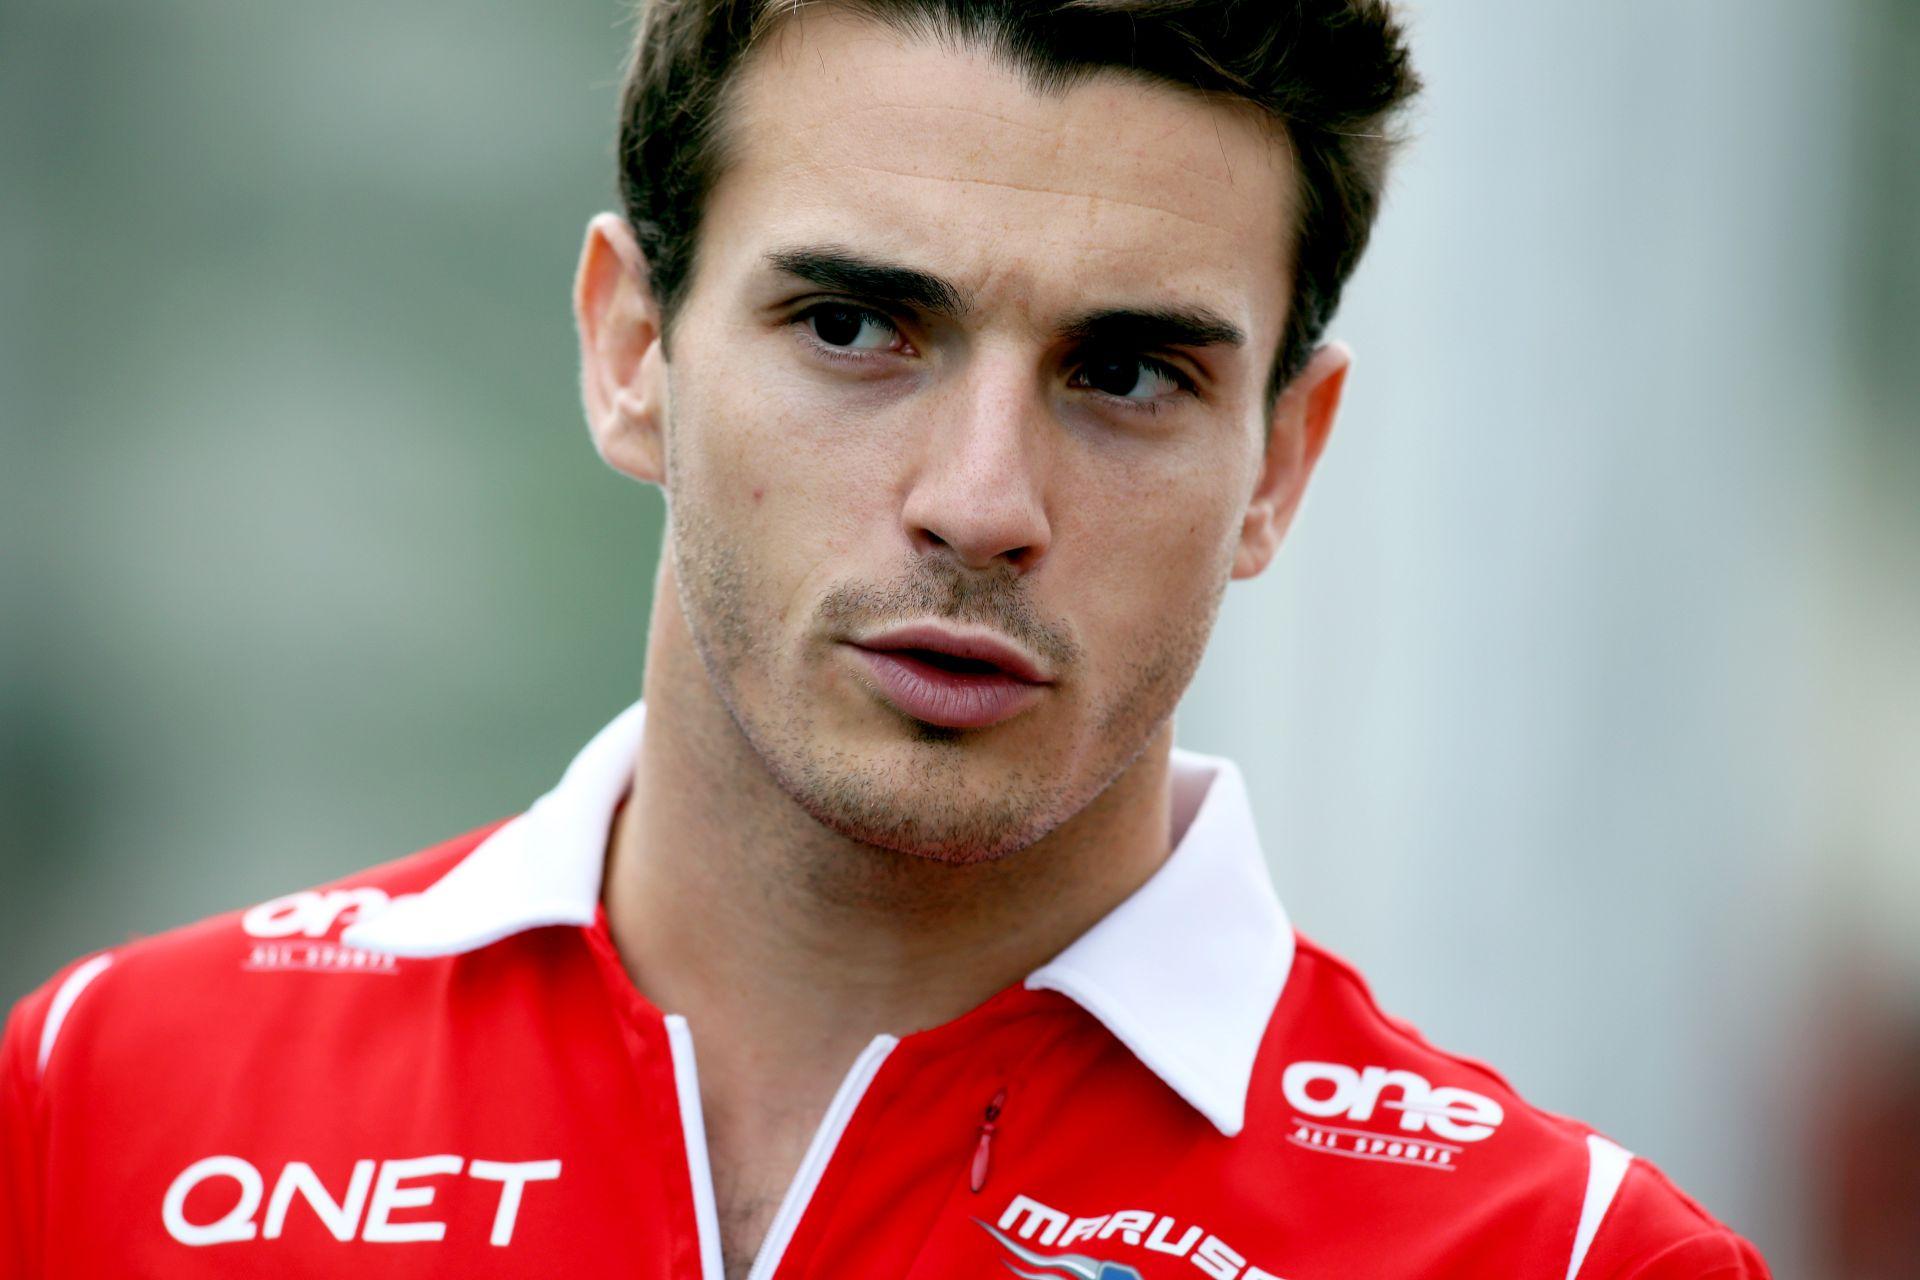 Bianchit azonnal megoperálták, az állapota továbbra is kritikus